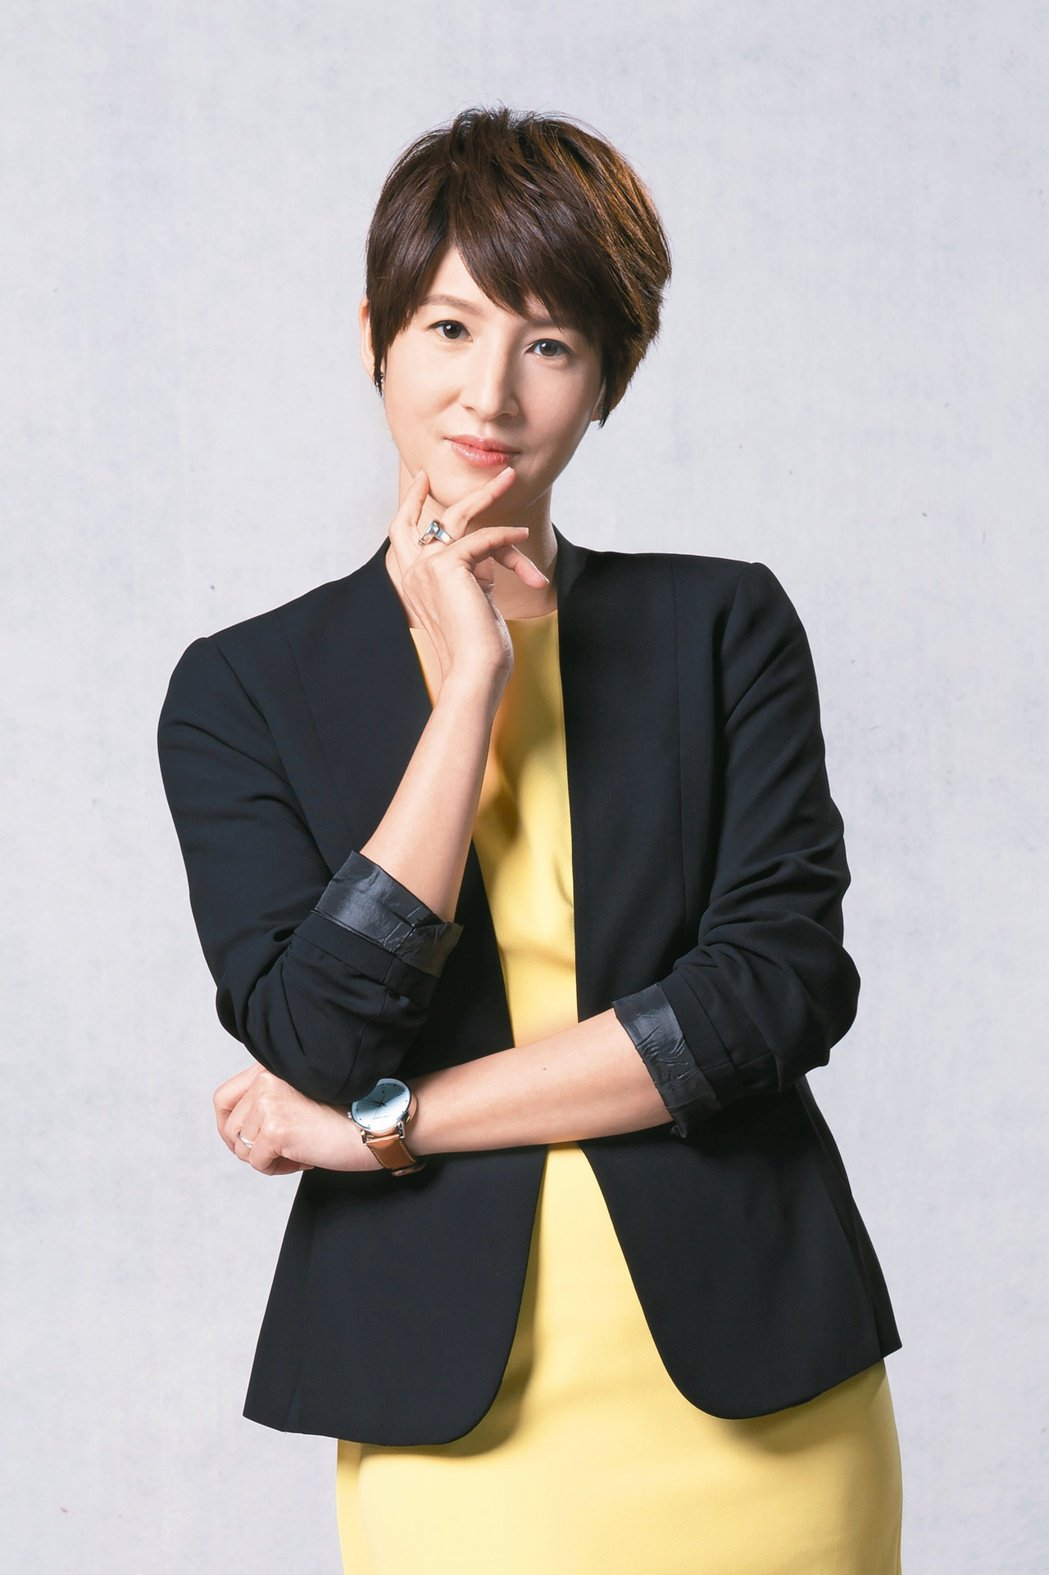 夏嘉璐目前是TVBS當家主播。圖/TVBS提供